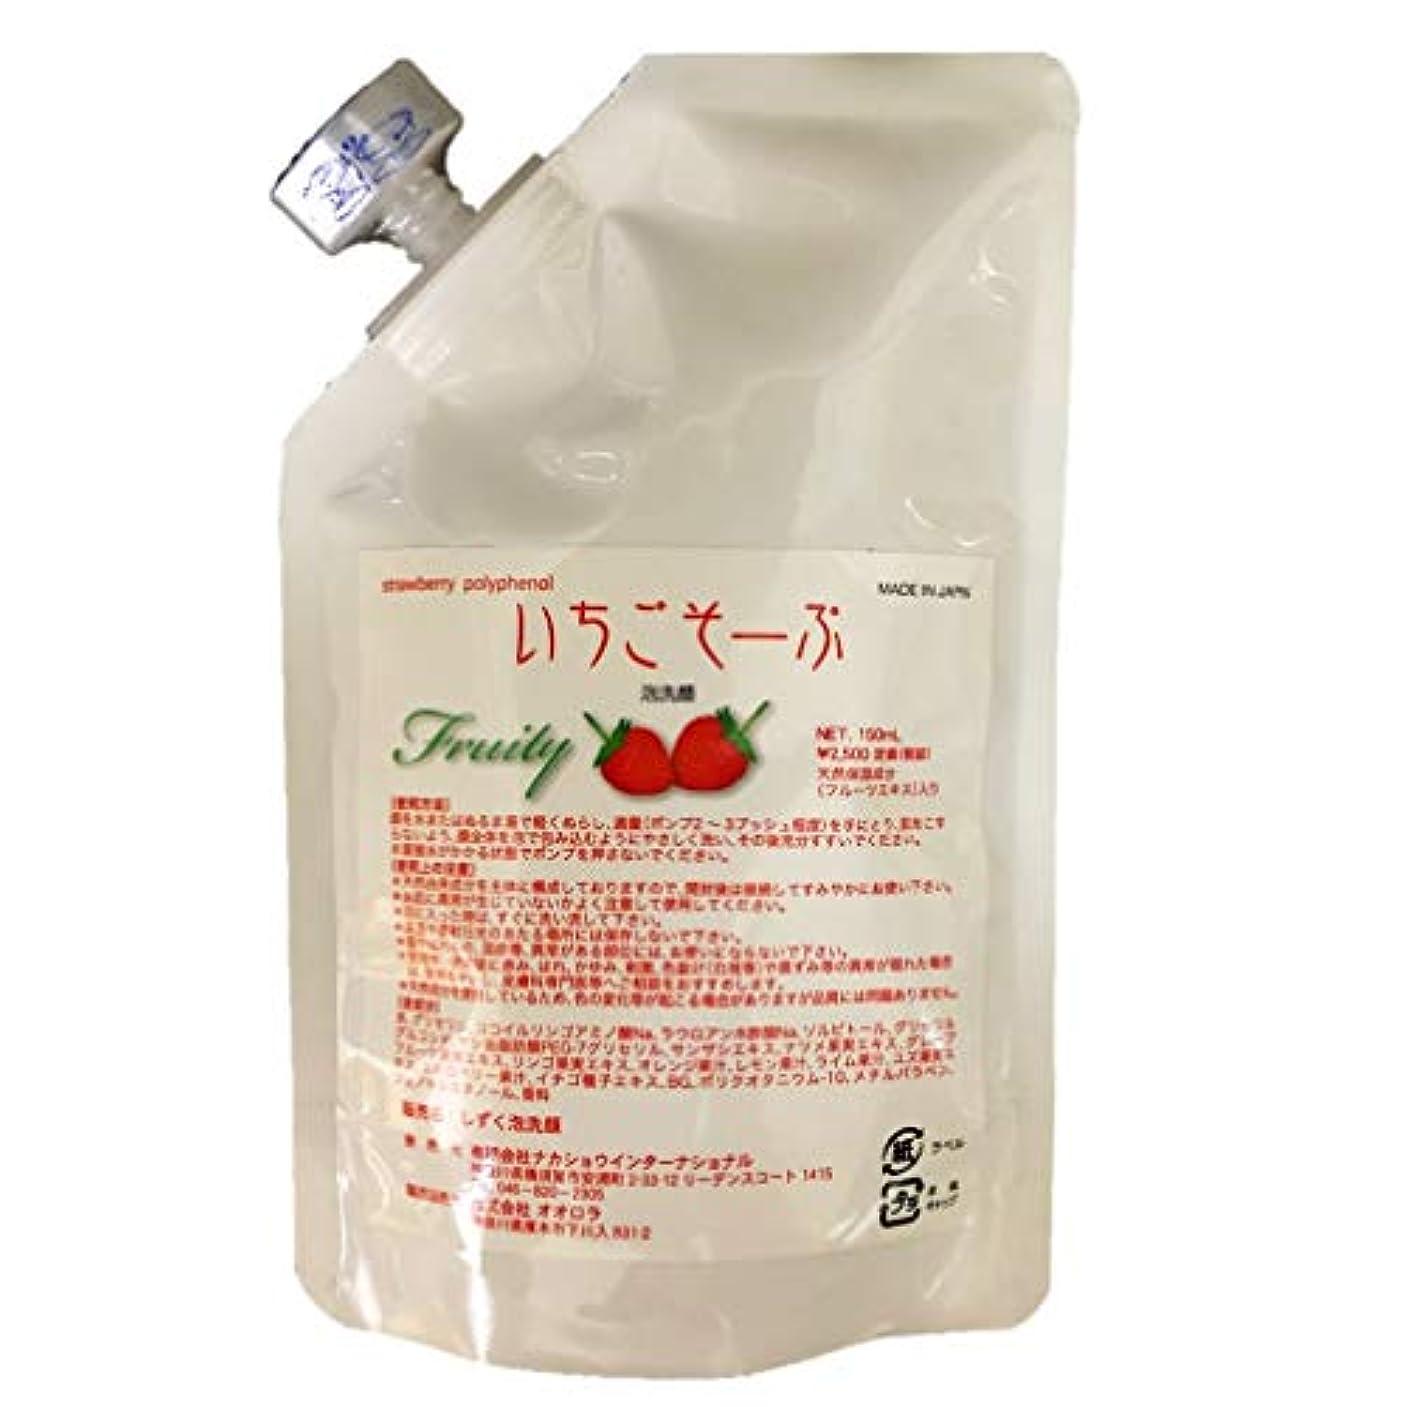 きらきら認可マイナスいちごそーぷ 泡洗顔料 150mL詰替えパウチ 超保湿を優しいフルーツで